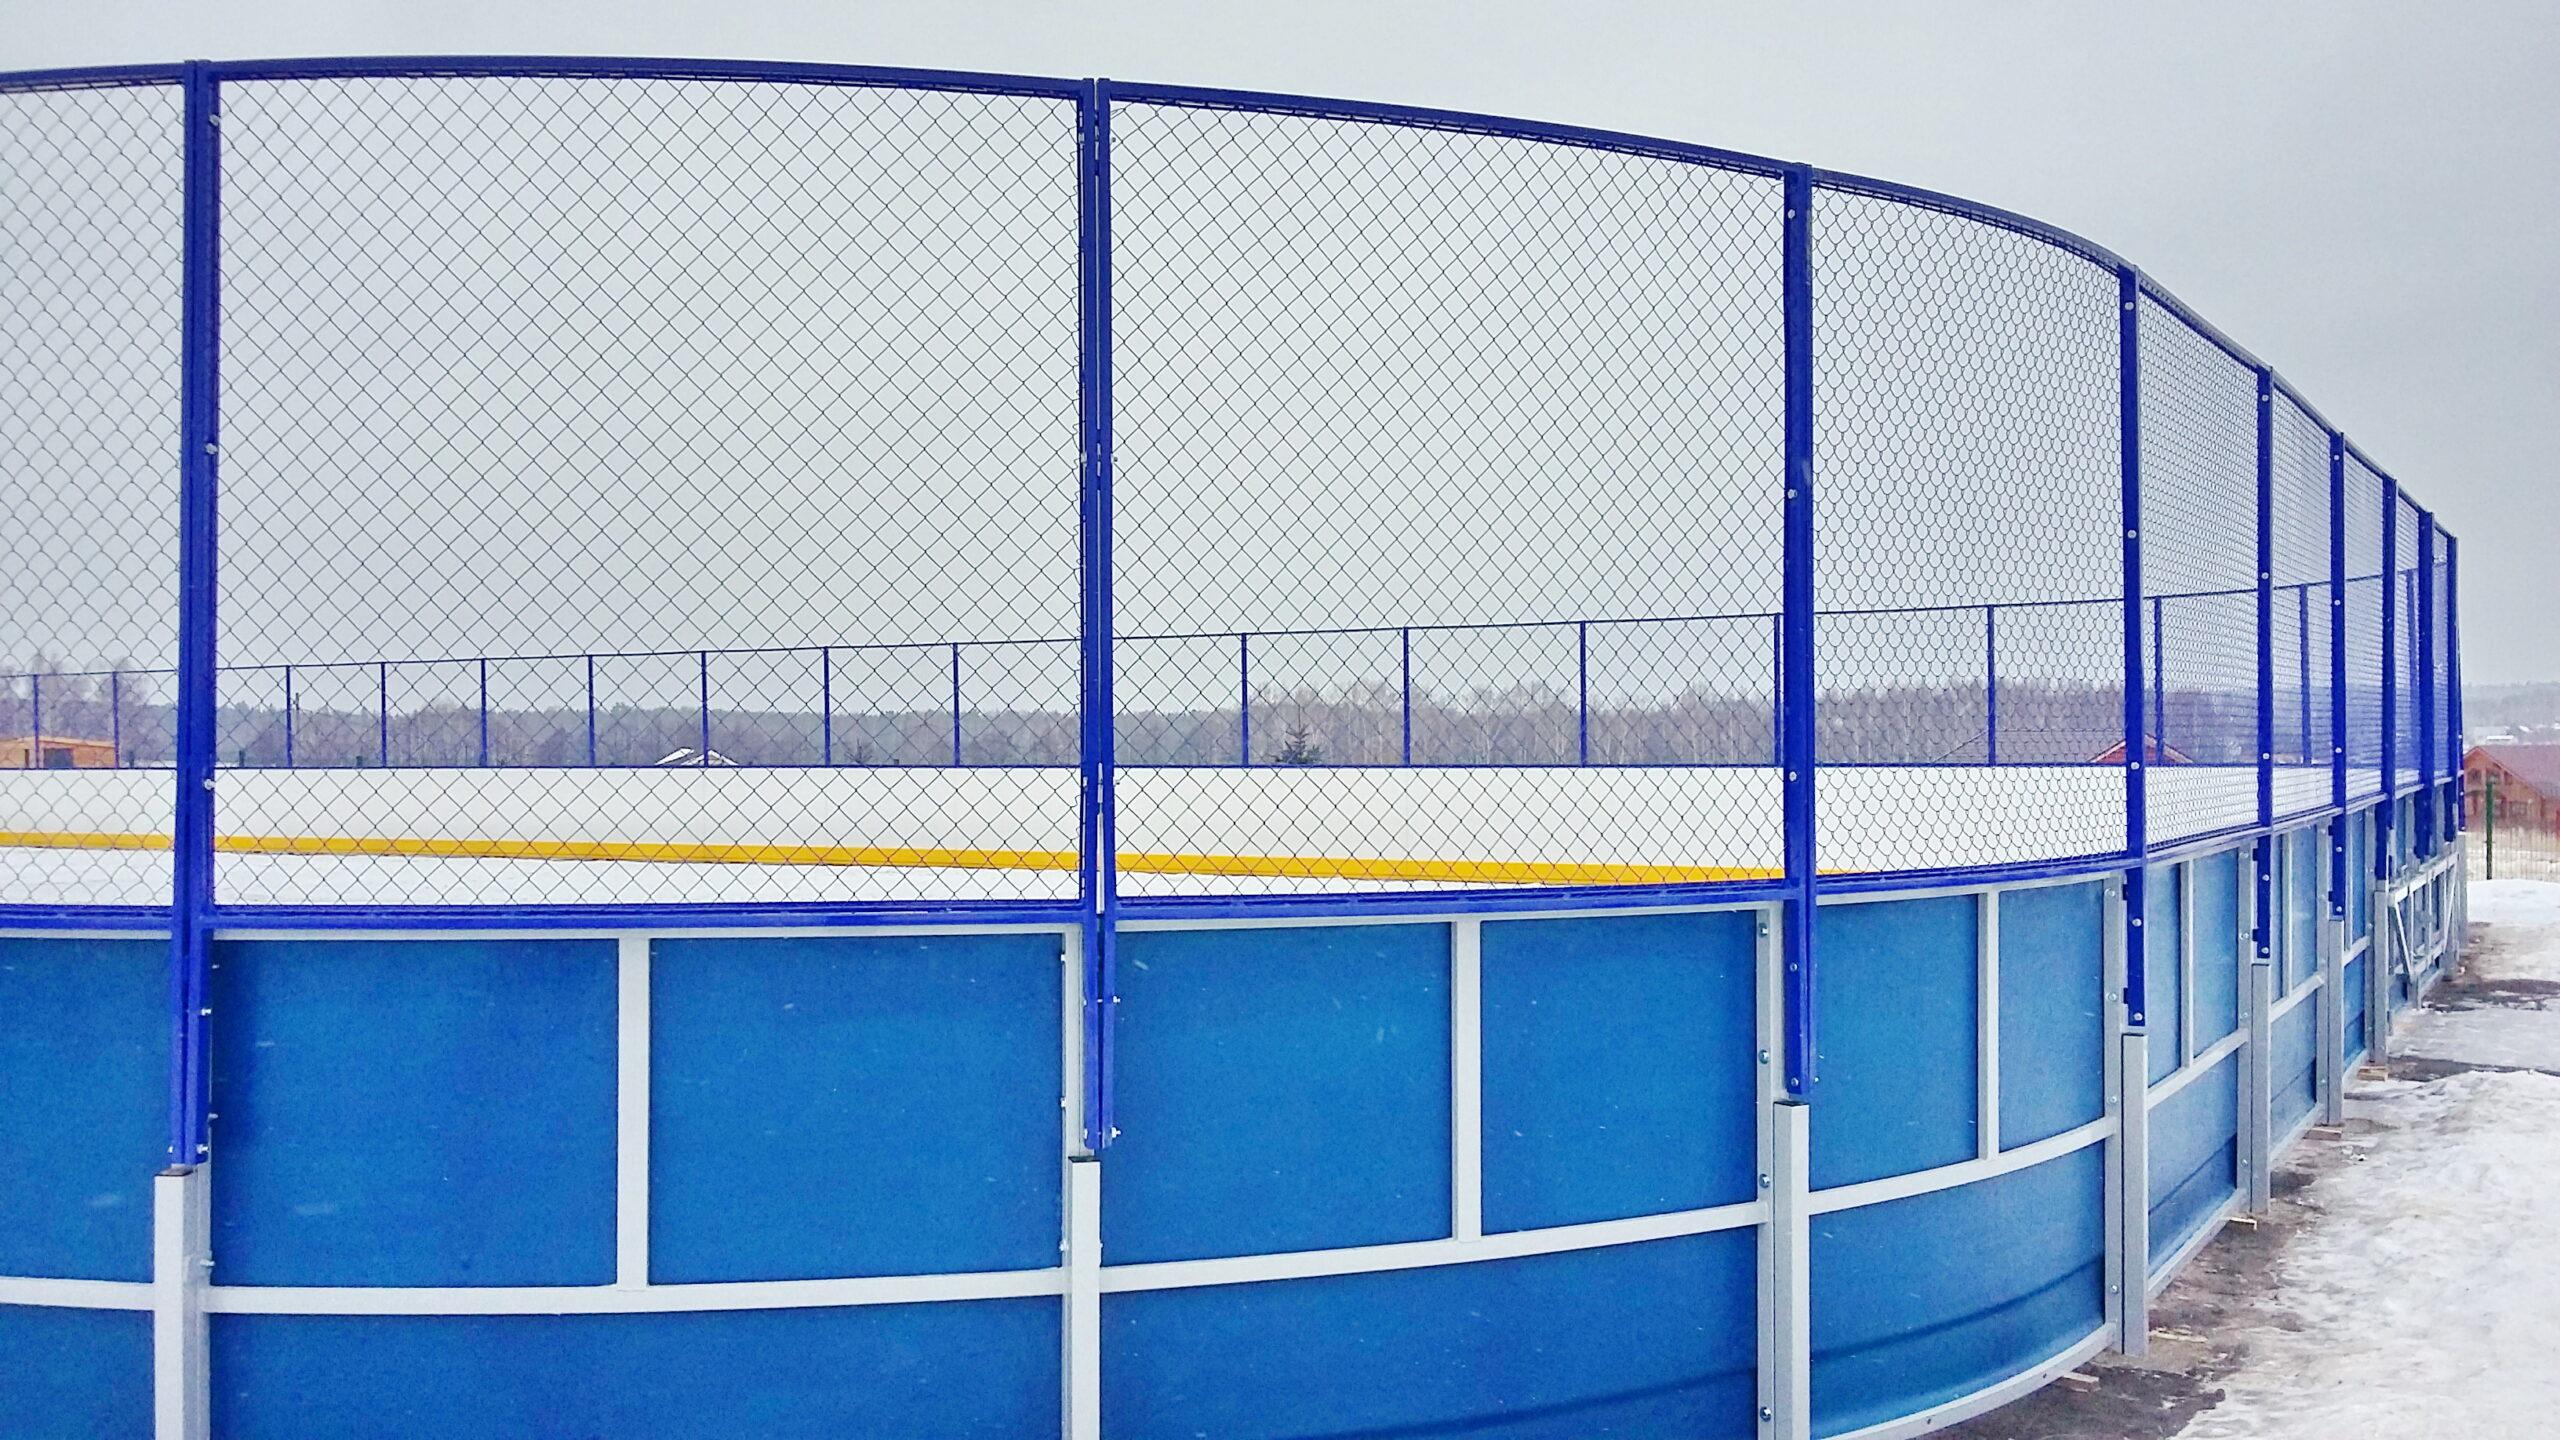 В Покровске появится хоккейный корт по программе поддержки местных инициатив